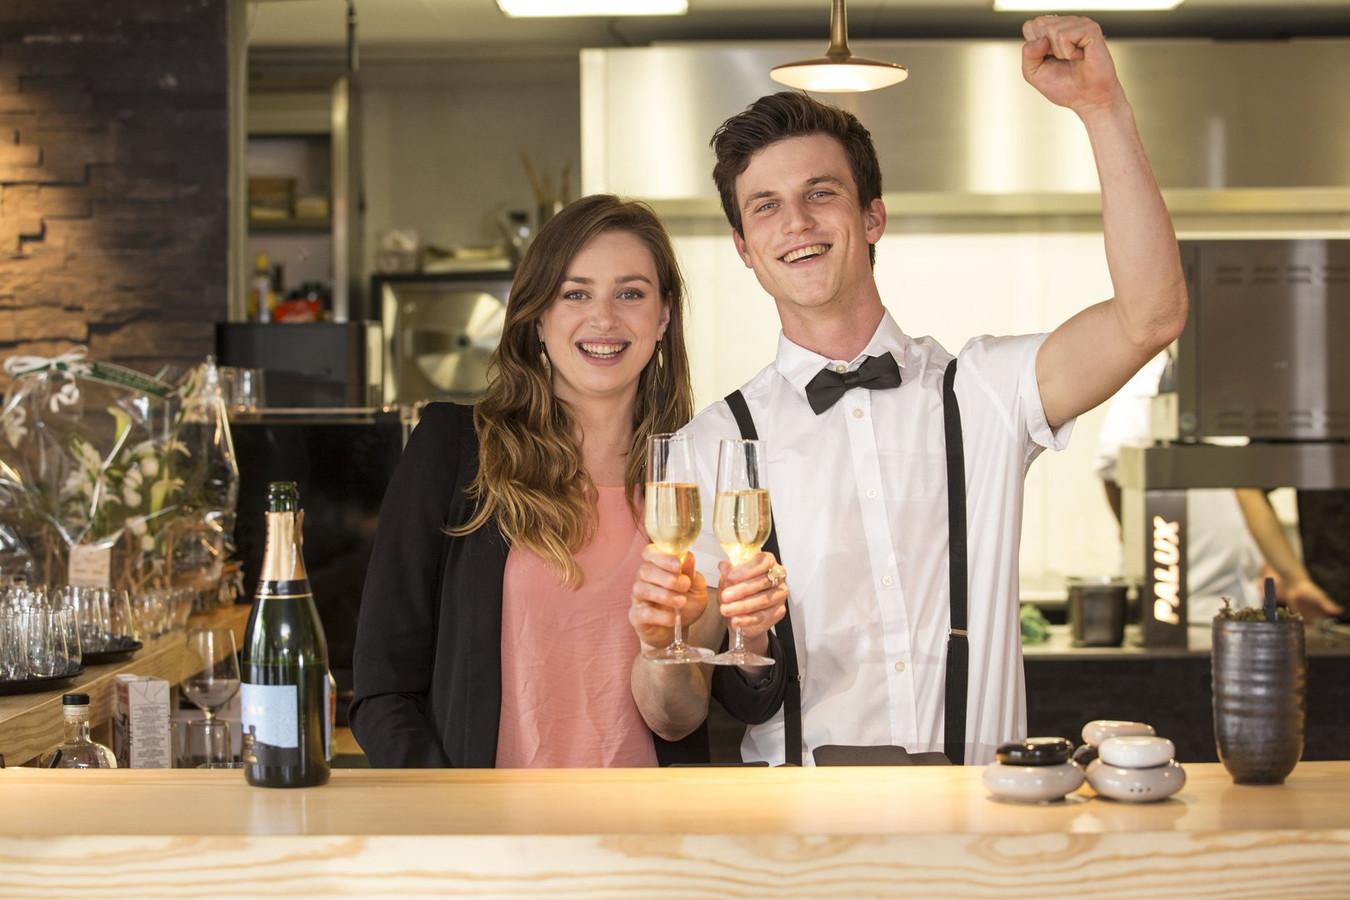 Hanne en Jaro's tijdelijke restaurant 'Sticks en Stones' stond al op het Brusselse Muntplein.